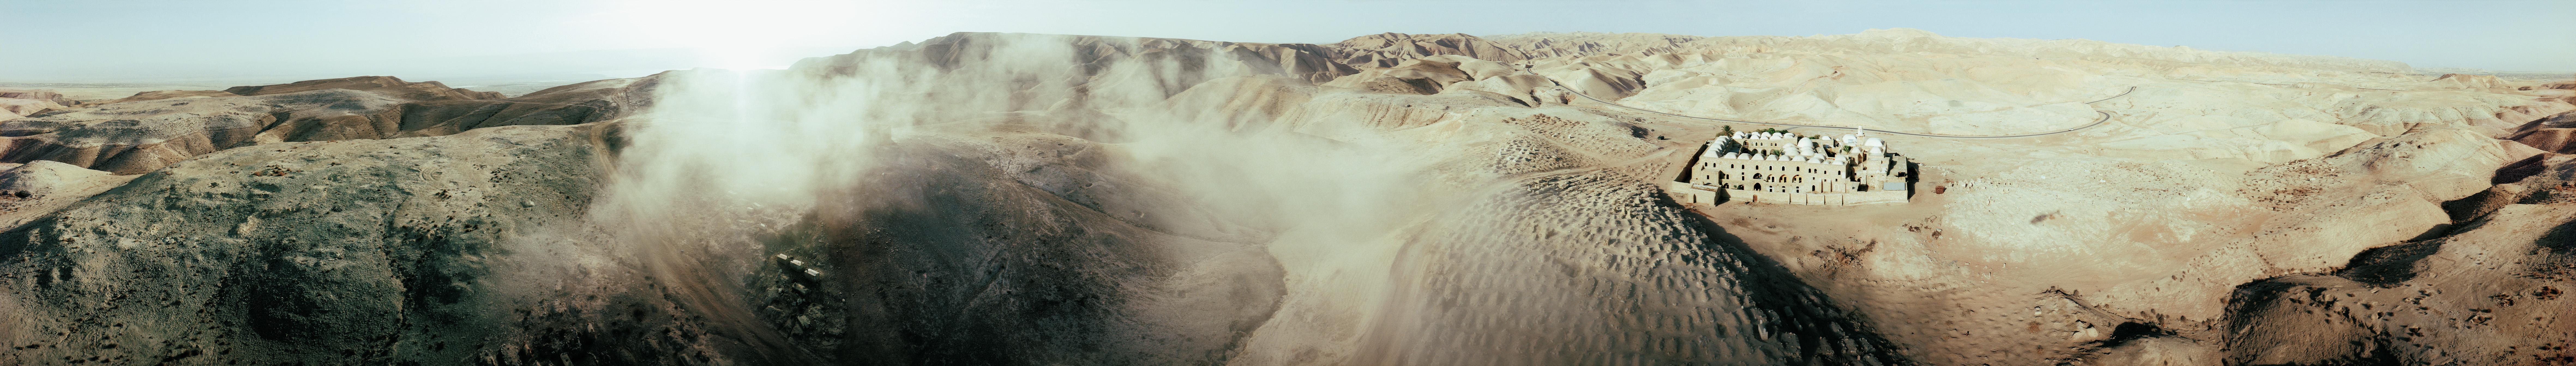 נבי מוסא 360 מעלות מהאוויר